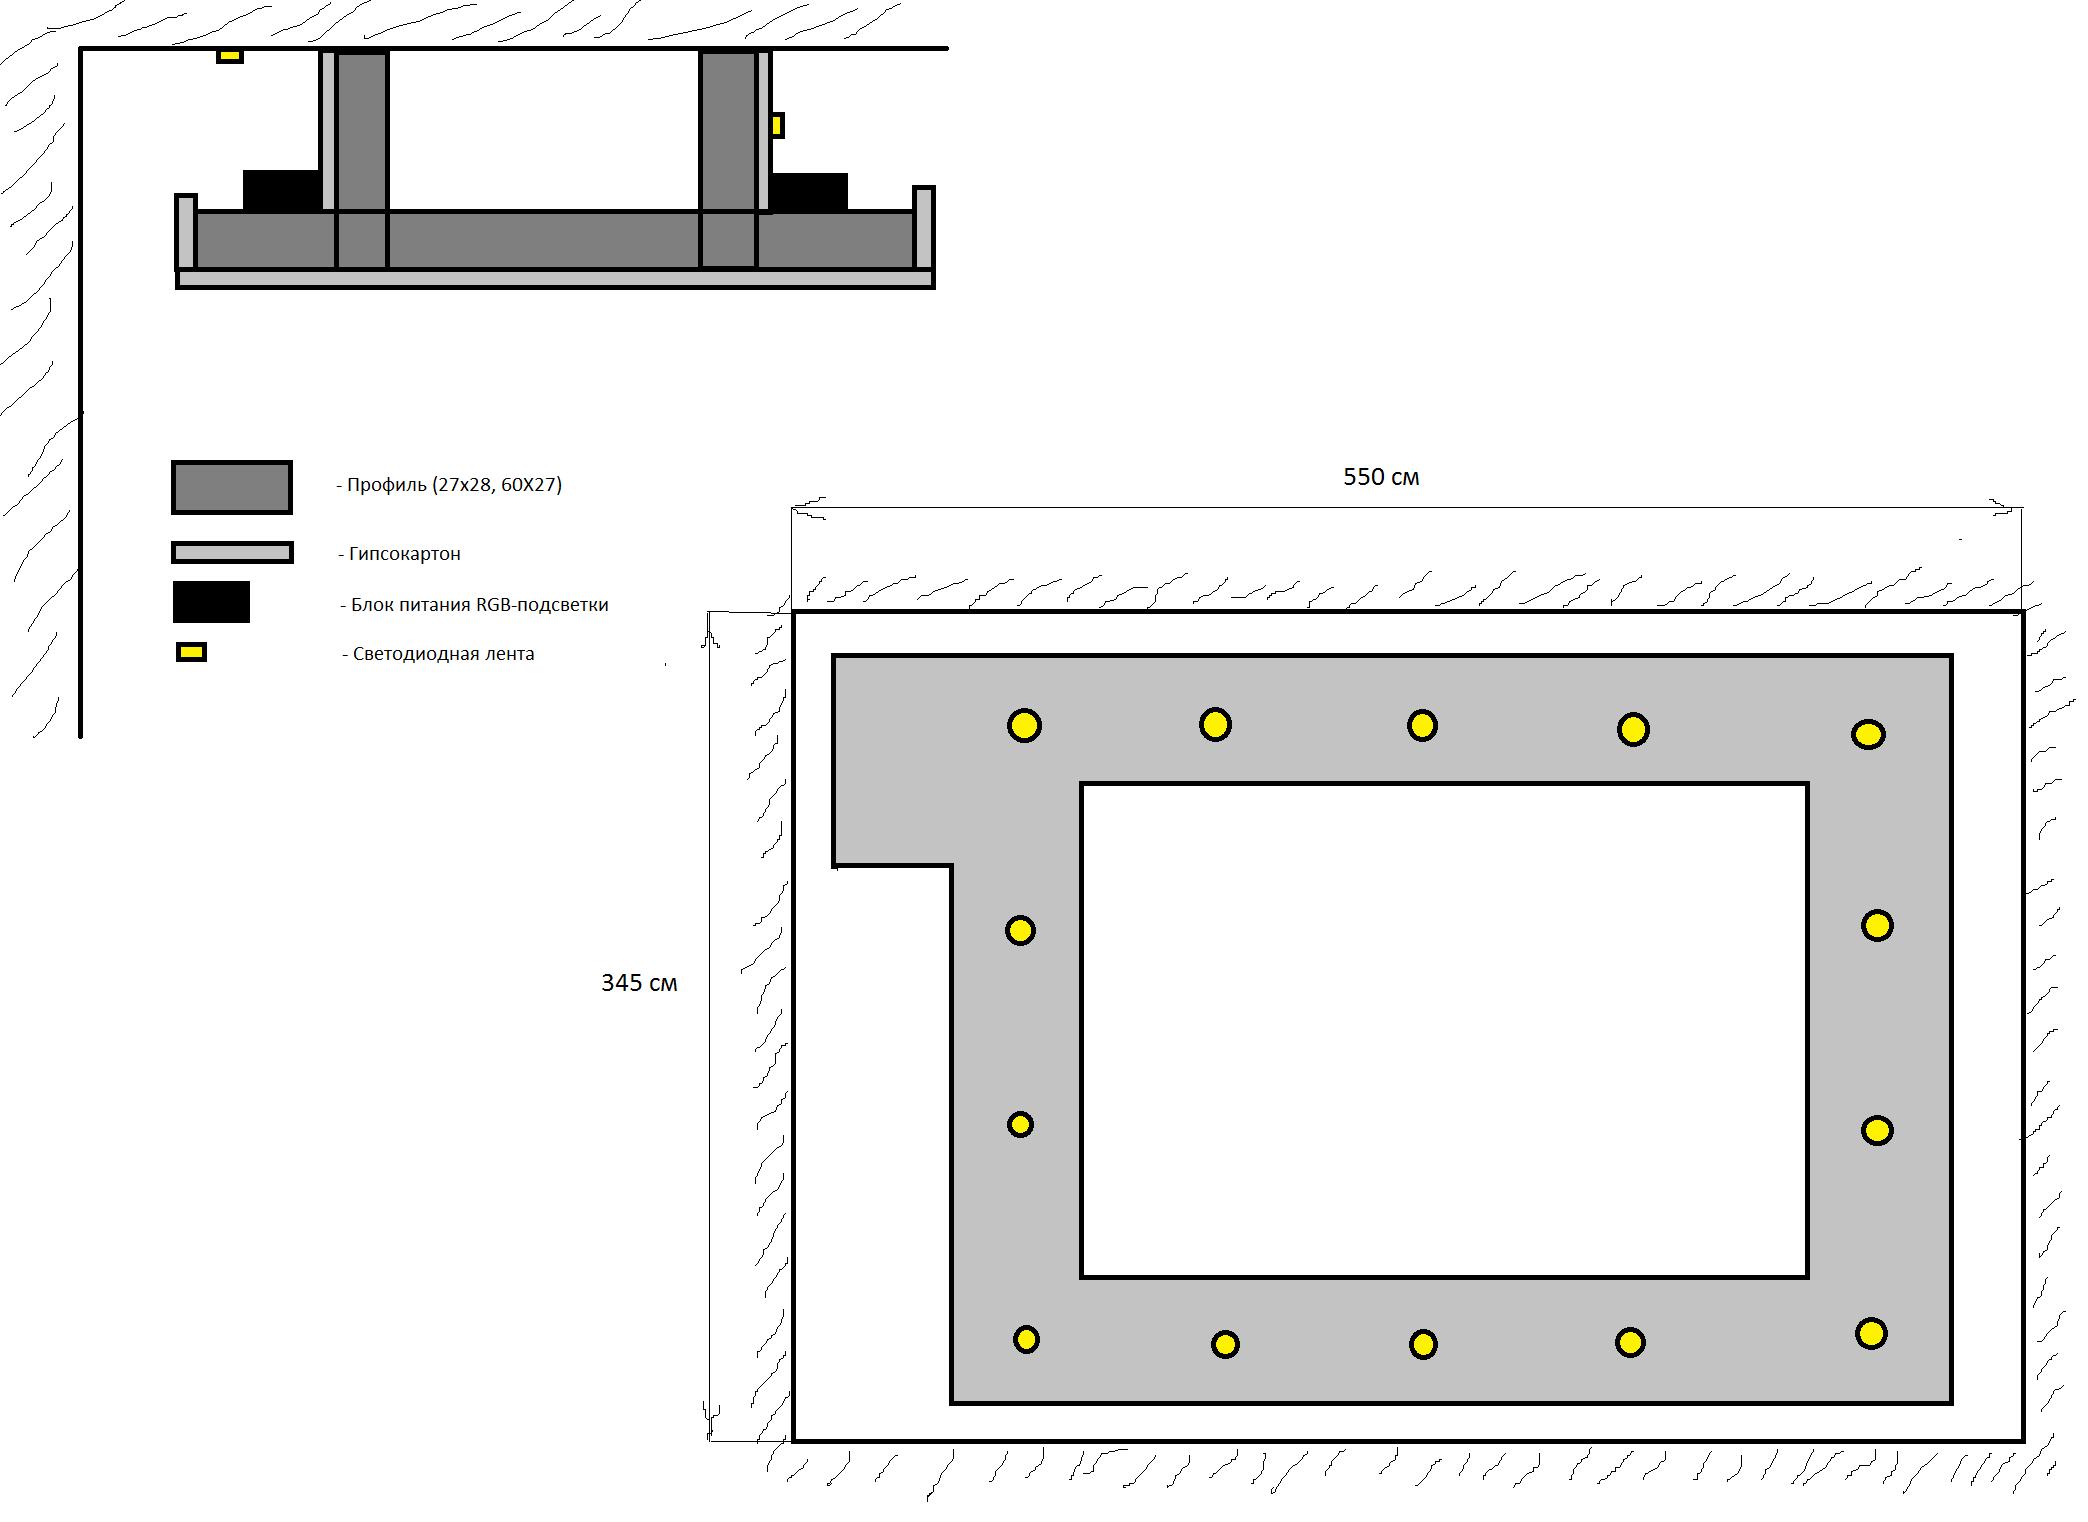 Многоуровневые потолки из гипсокартона с подсветкой: разметка, каркас и монтажные работы